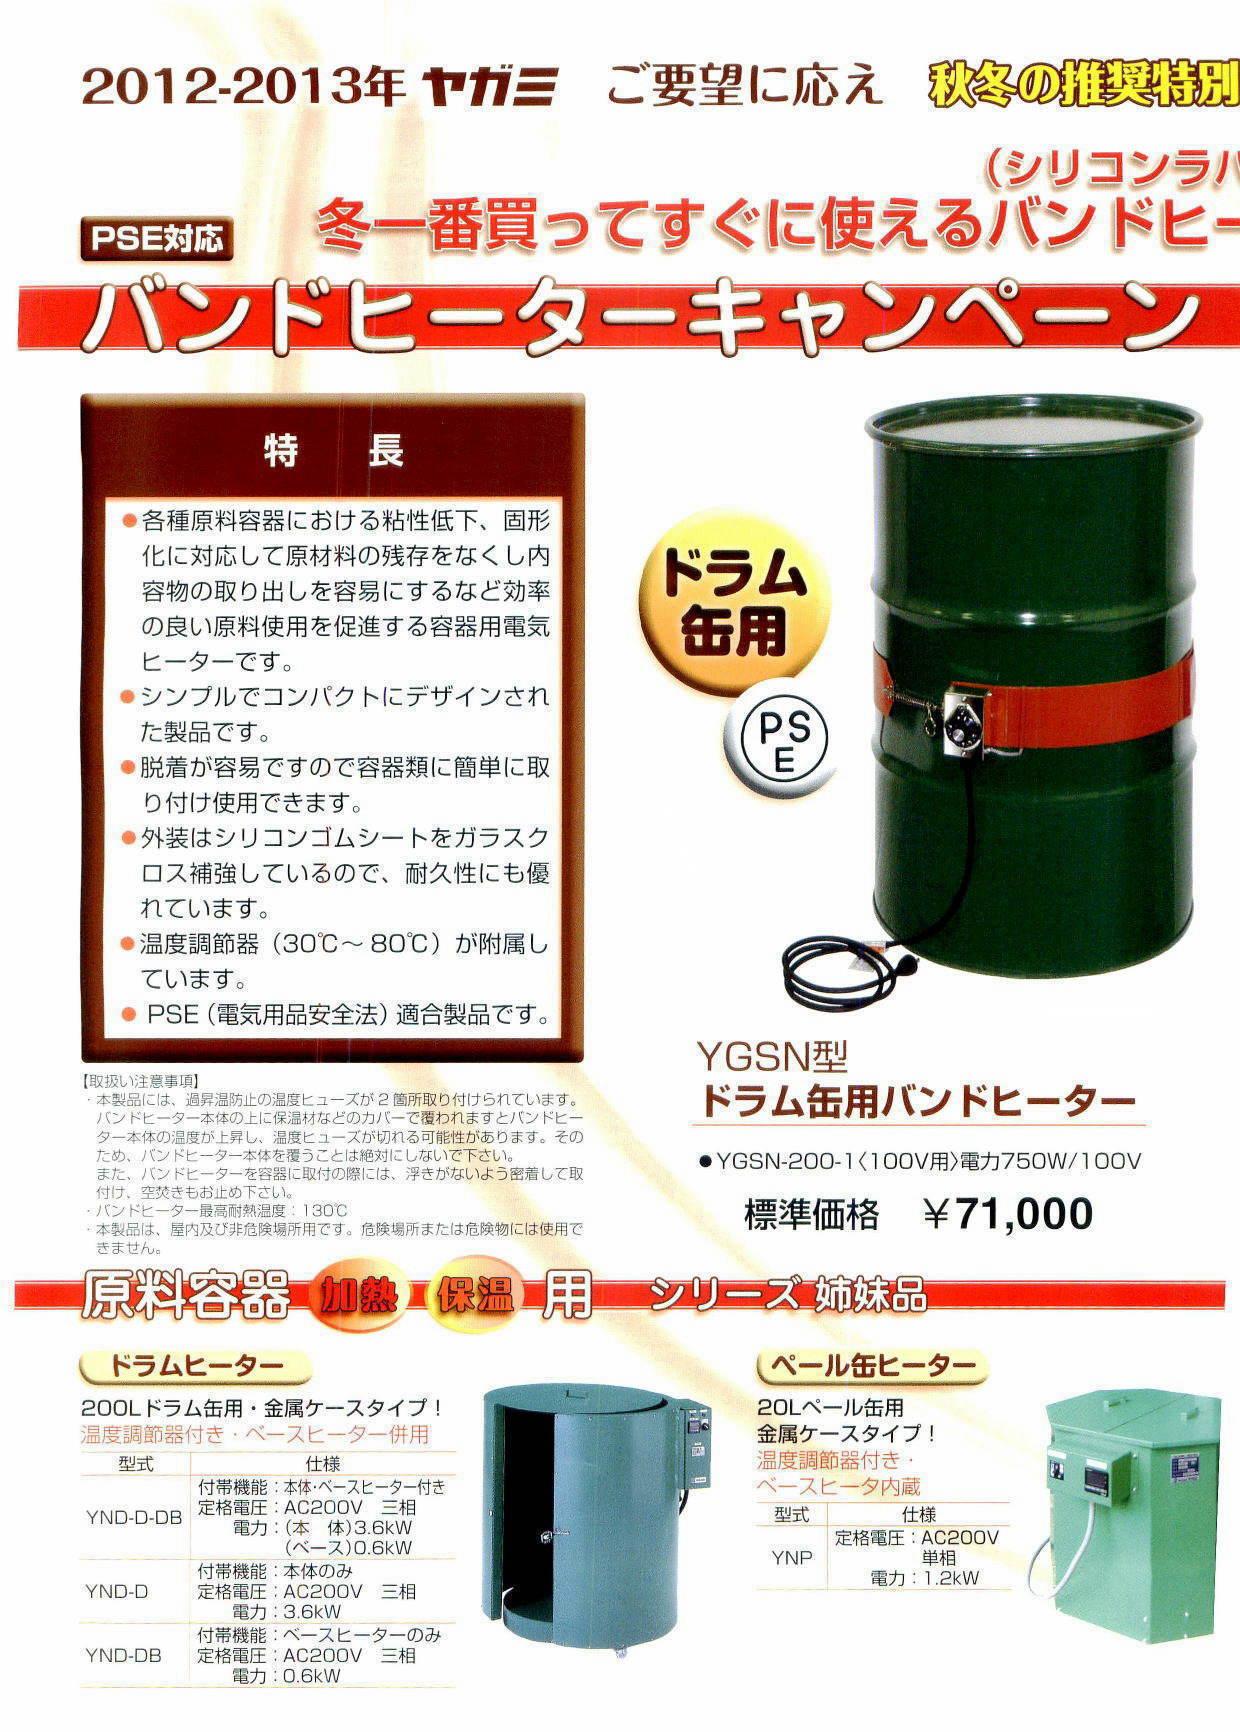 ヤガミ バンドヒーターキャンペーン 2012-11-21~2013-02-20まで 3